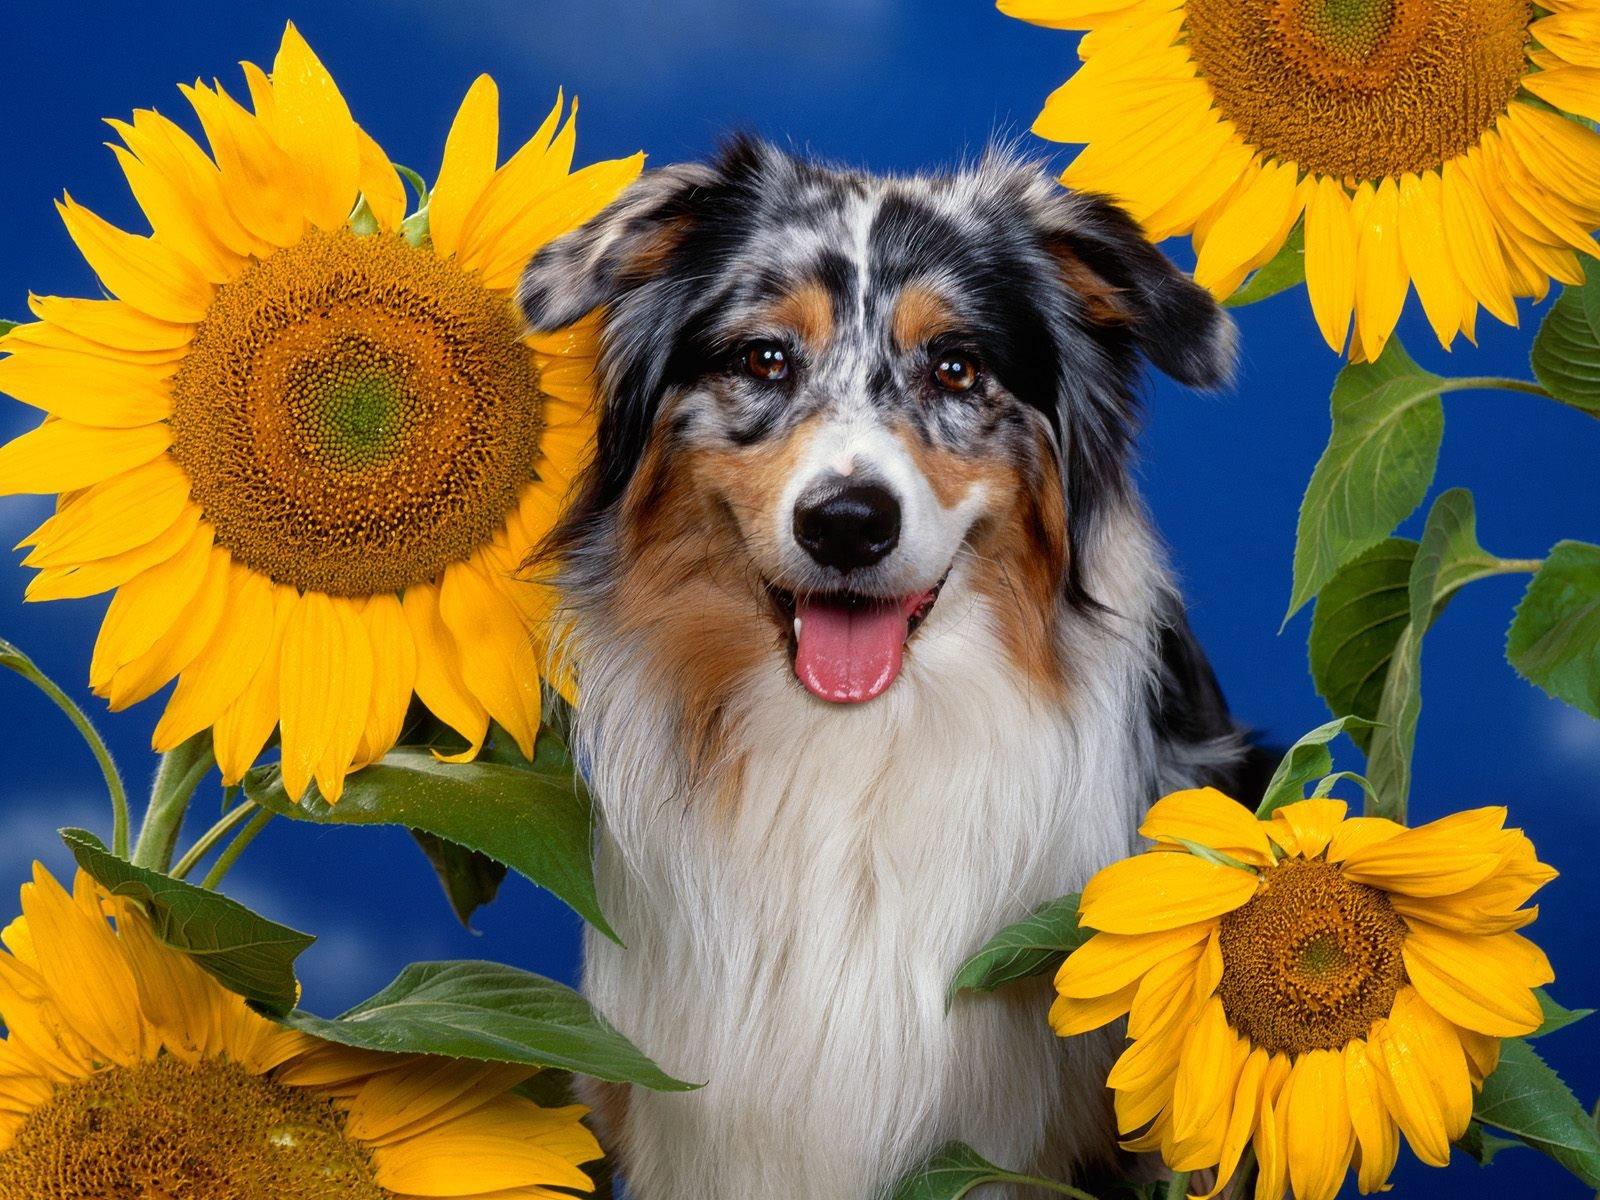 Köpek resimleri-12